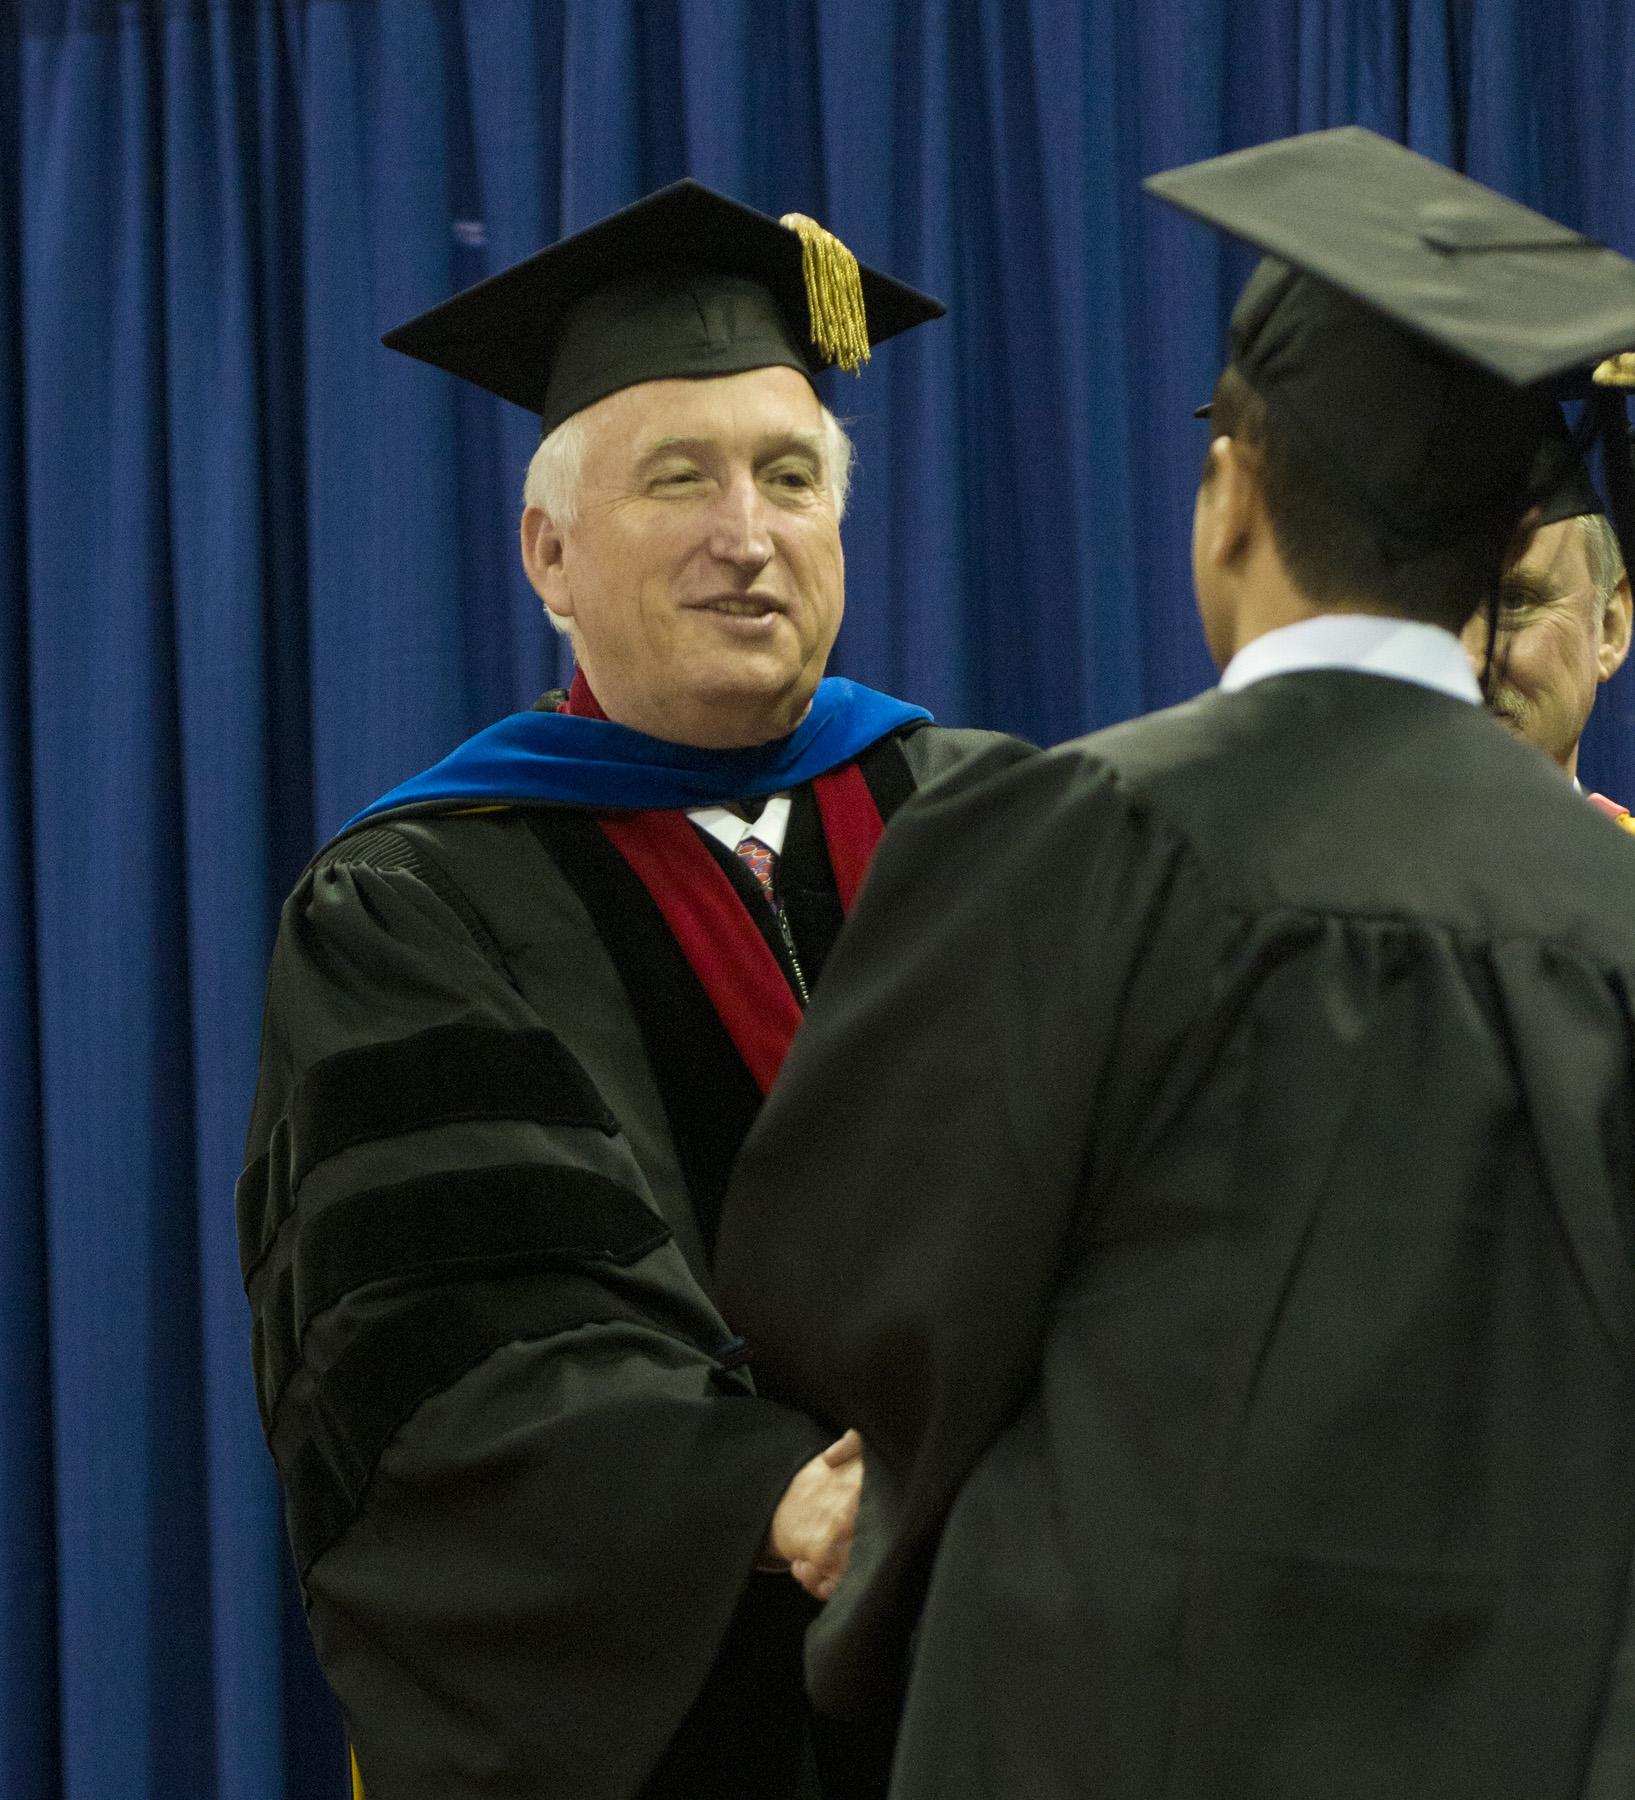 Dr. Ken Rea